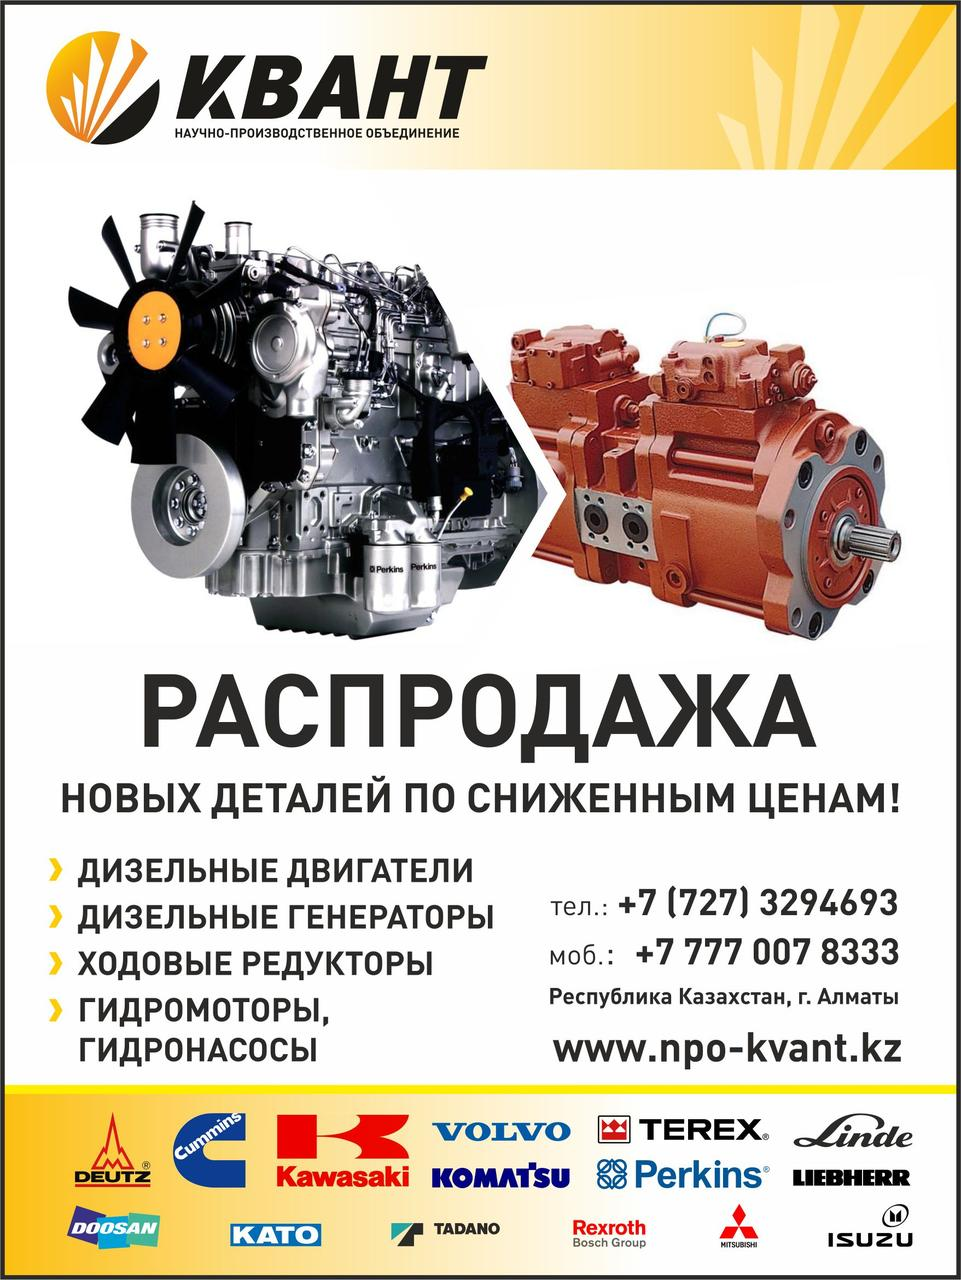 Двигатель MTU 6R 1100 A50, MTU 6R 1300 A40, MTU 6R 1300 A50, MTU 6R 1300 A60, MTU 6R 1500 A50